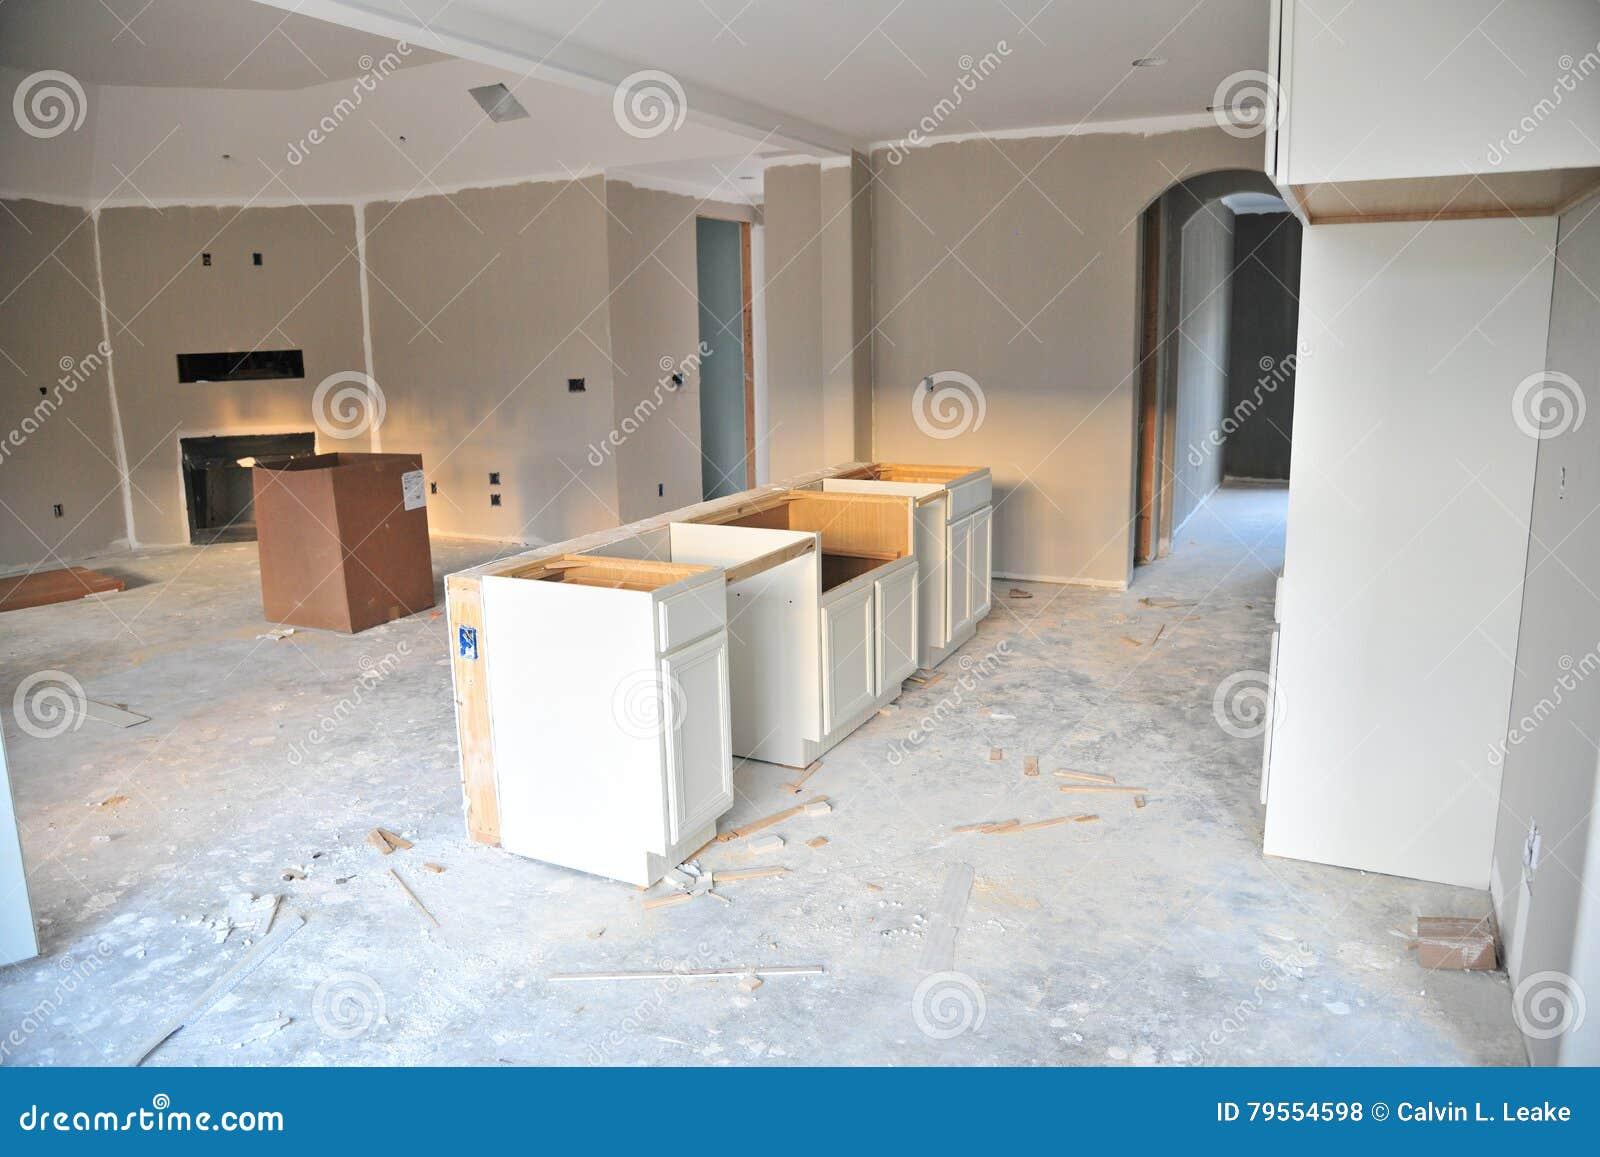 Nueva cocina casera inacabada